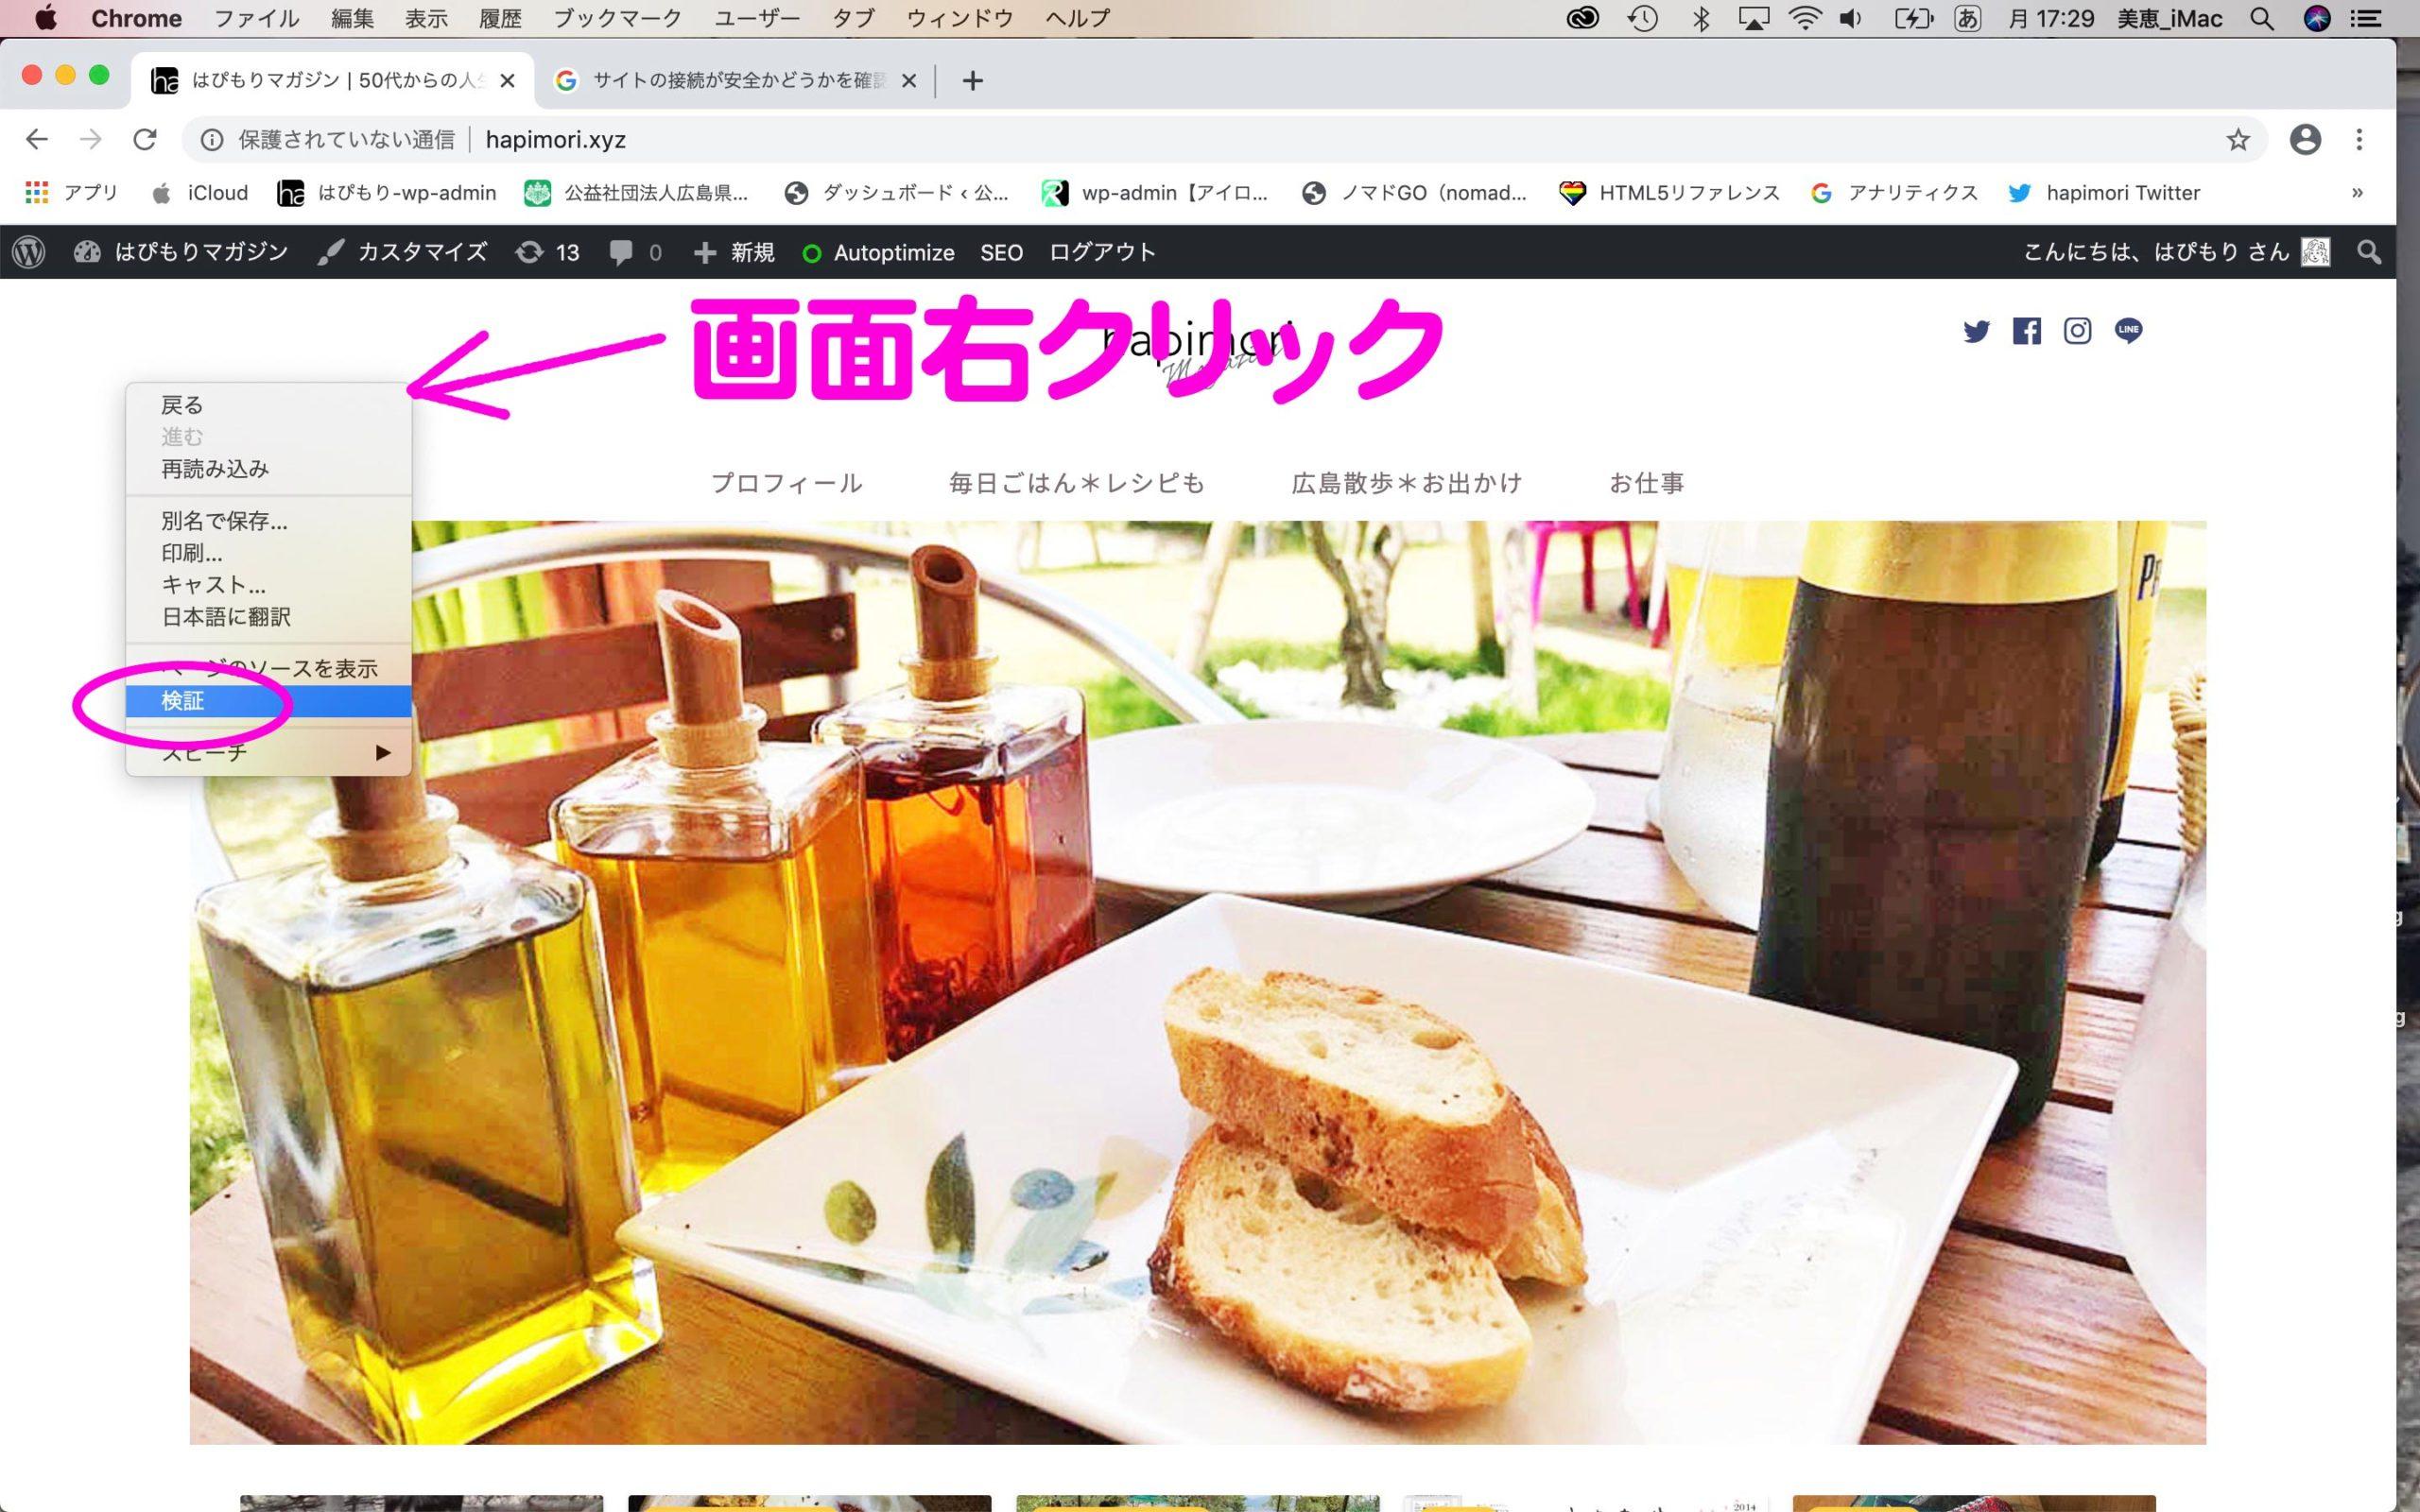 サイトの画面を右クリックして、検証をクリック